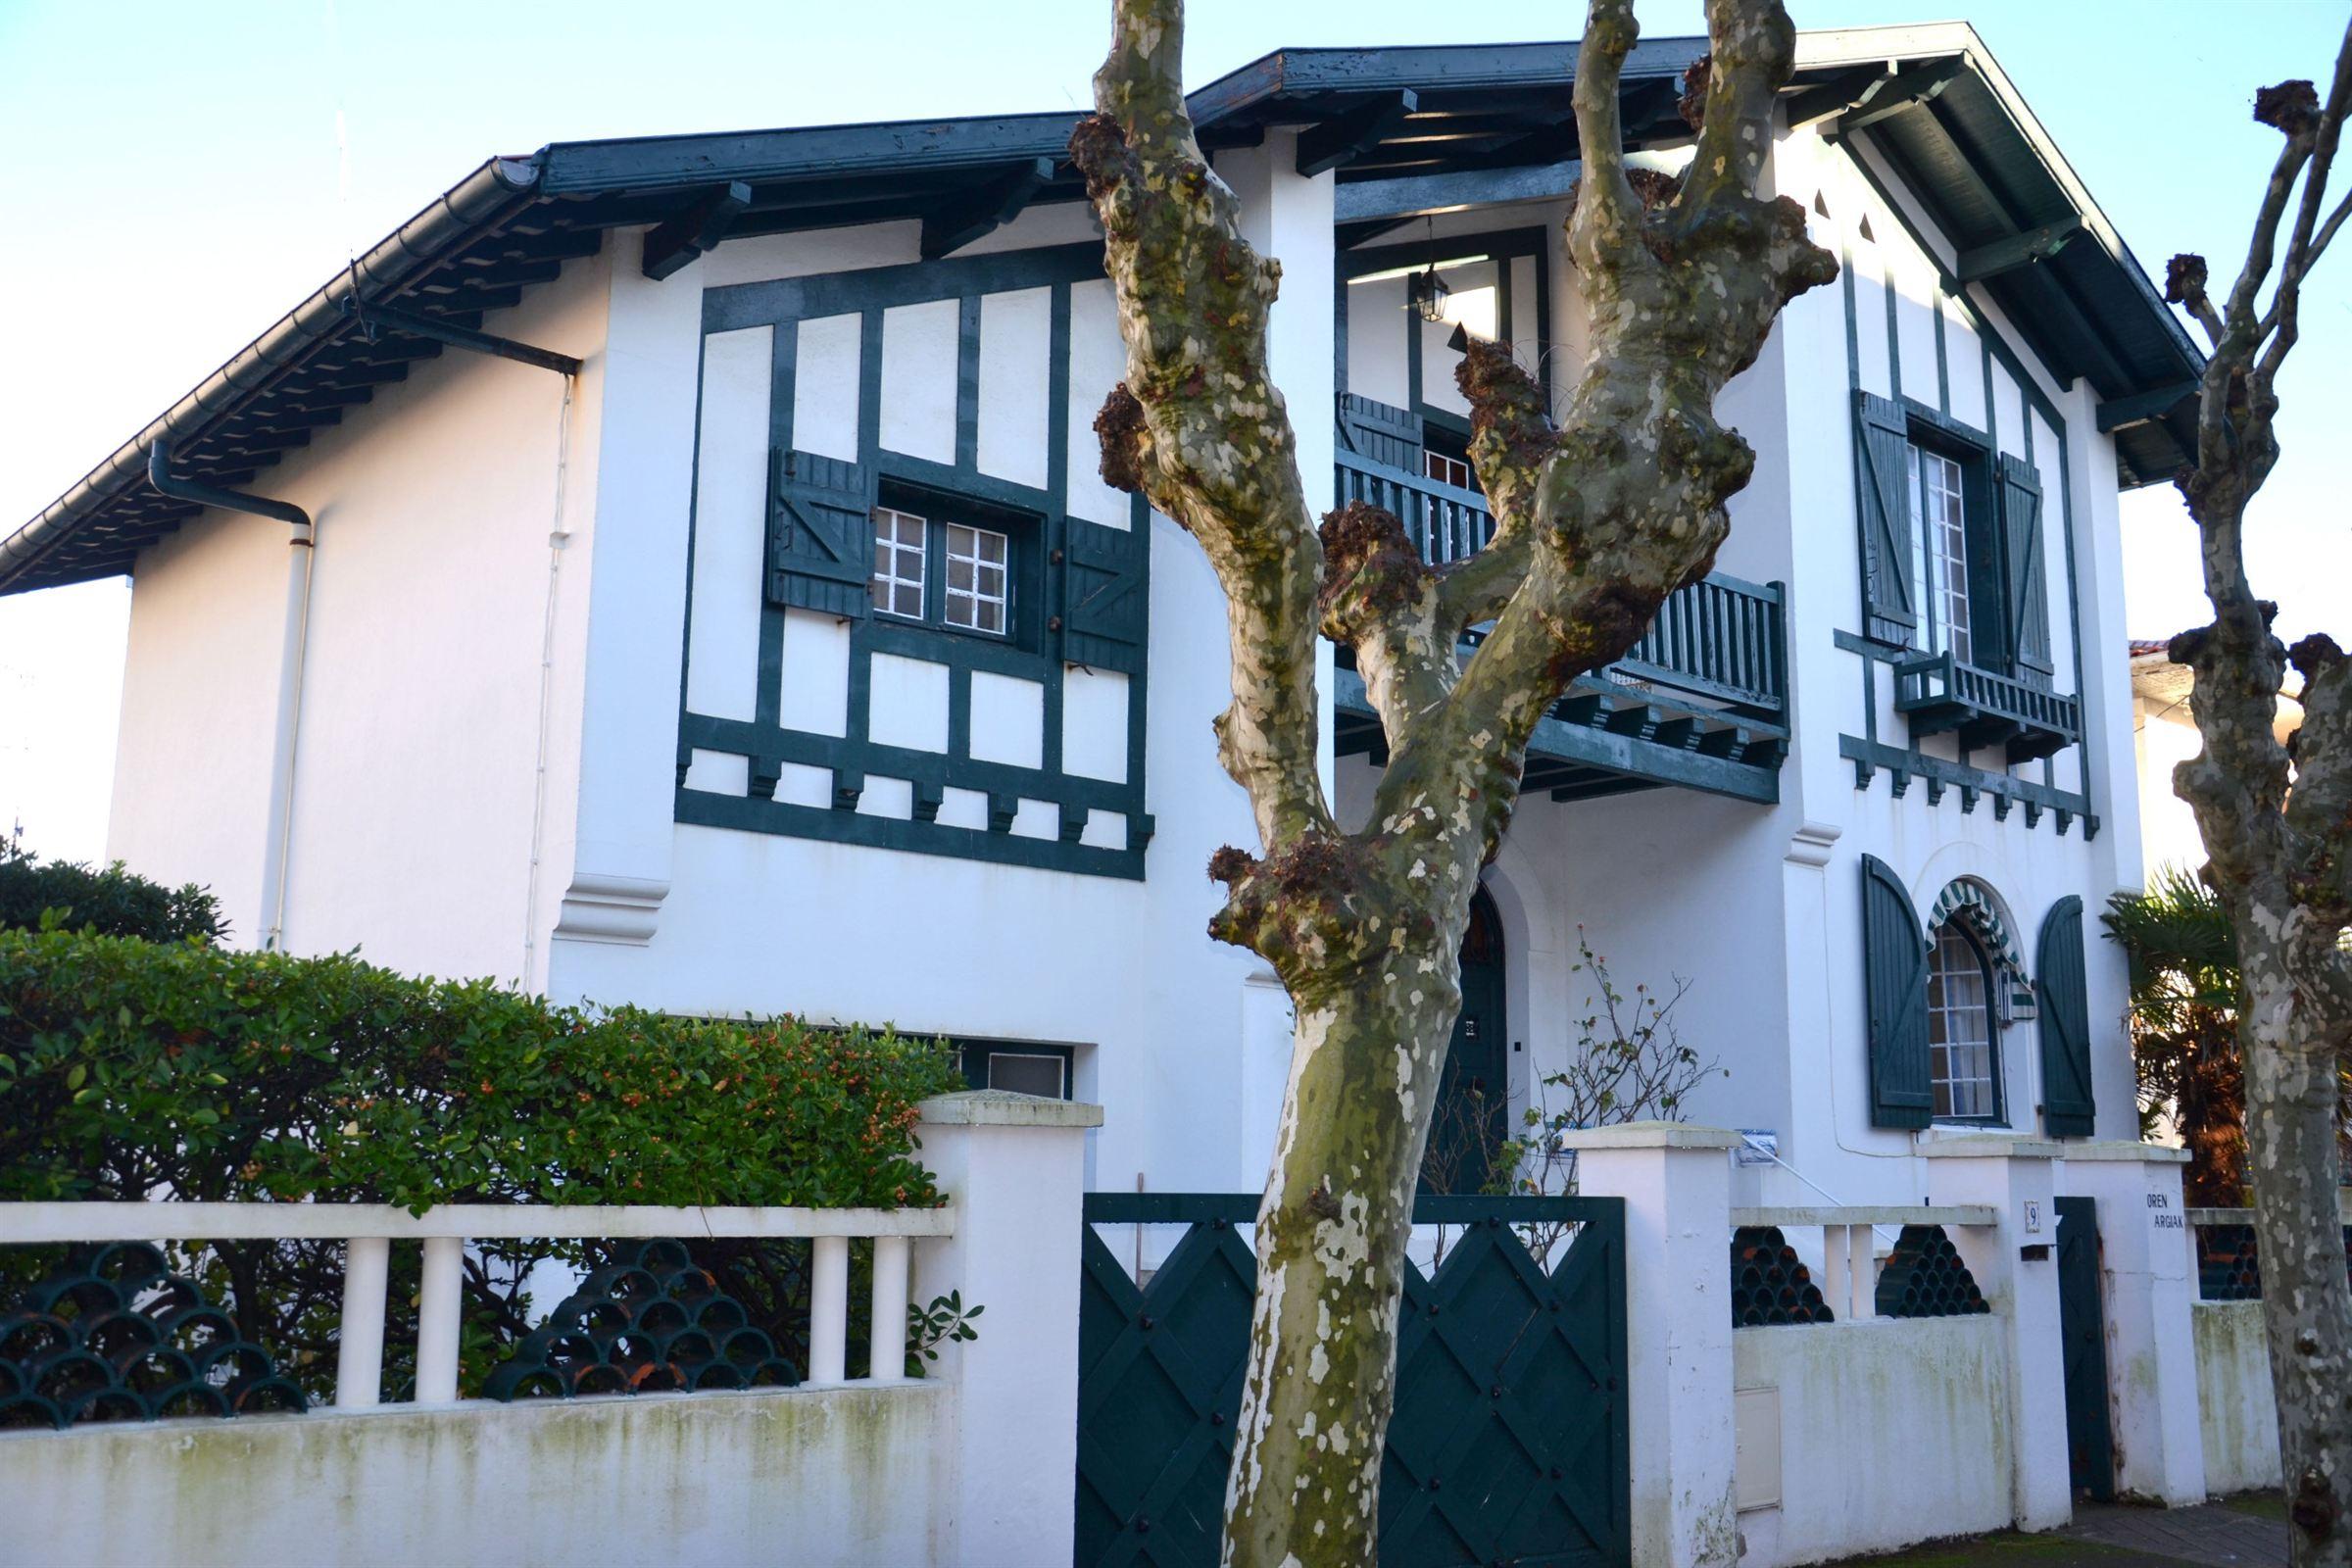 Single Family Home for Sale at COEUR DE VILLE AU CALME Biarritz, Aquitaine, 64200 France